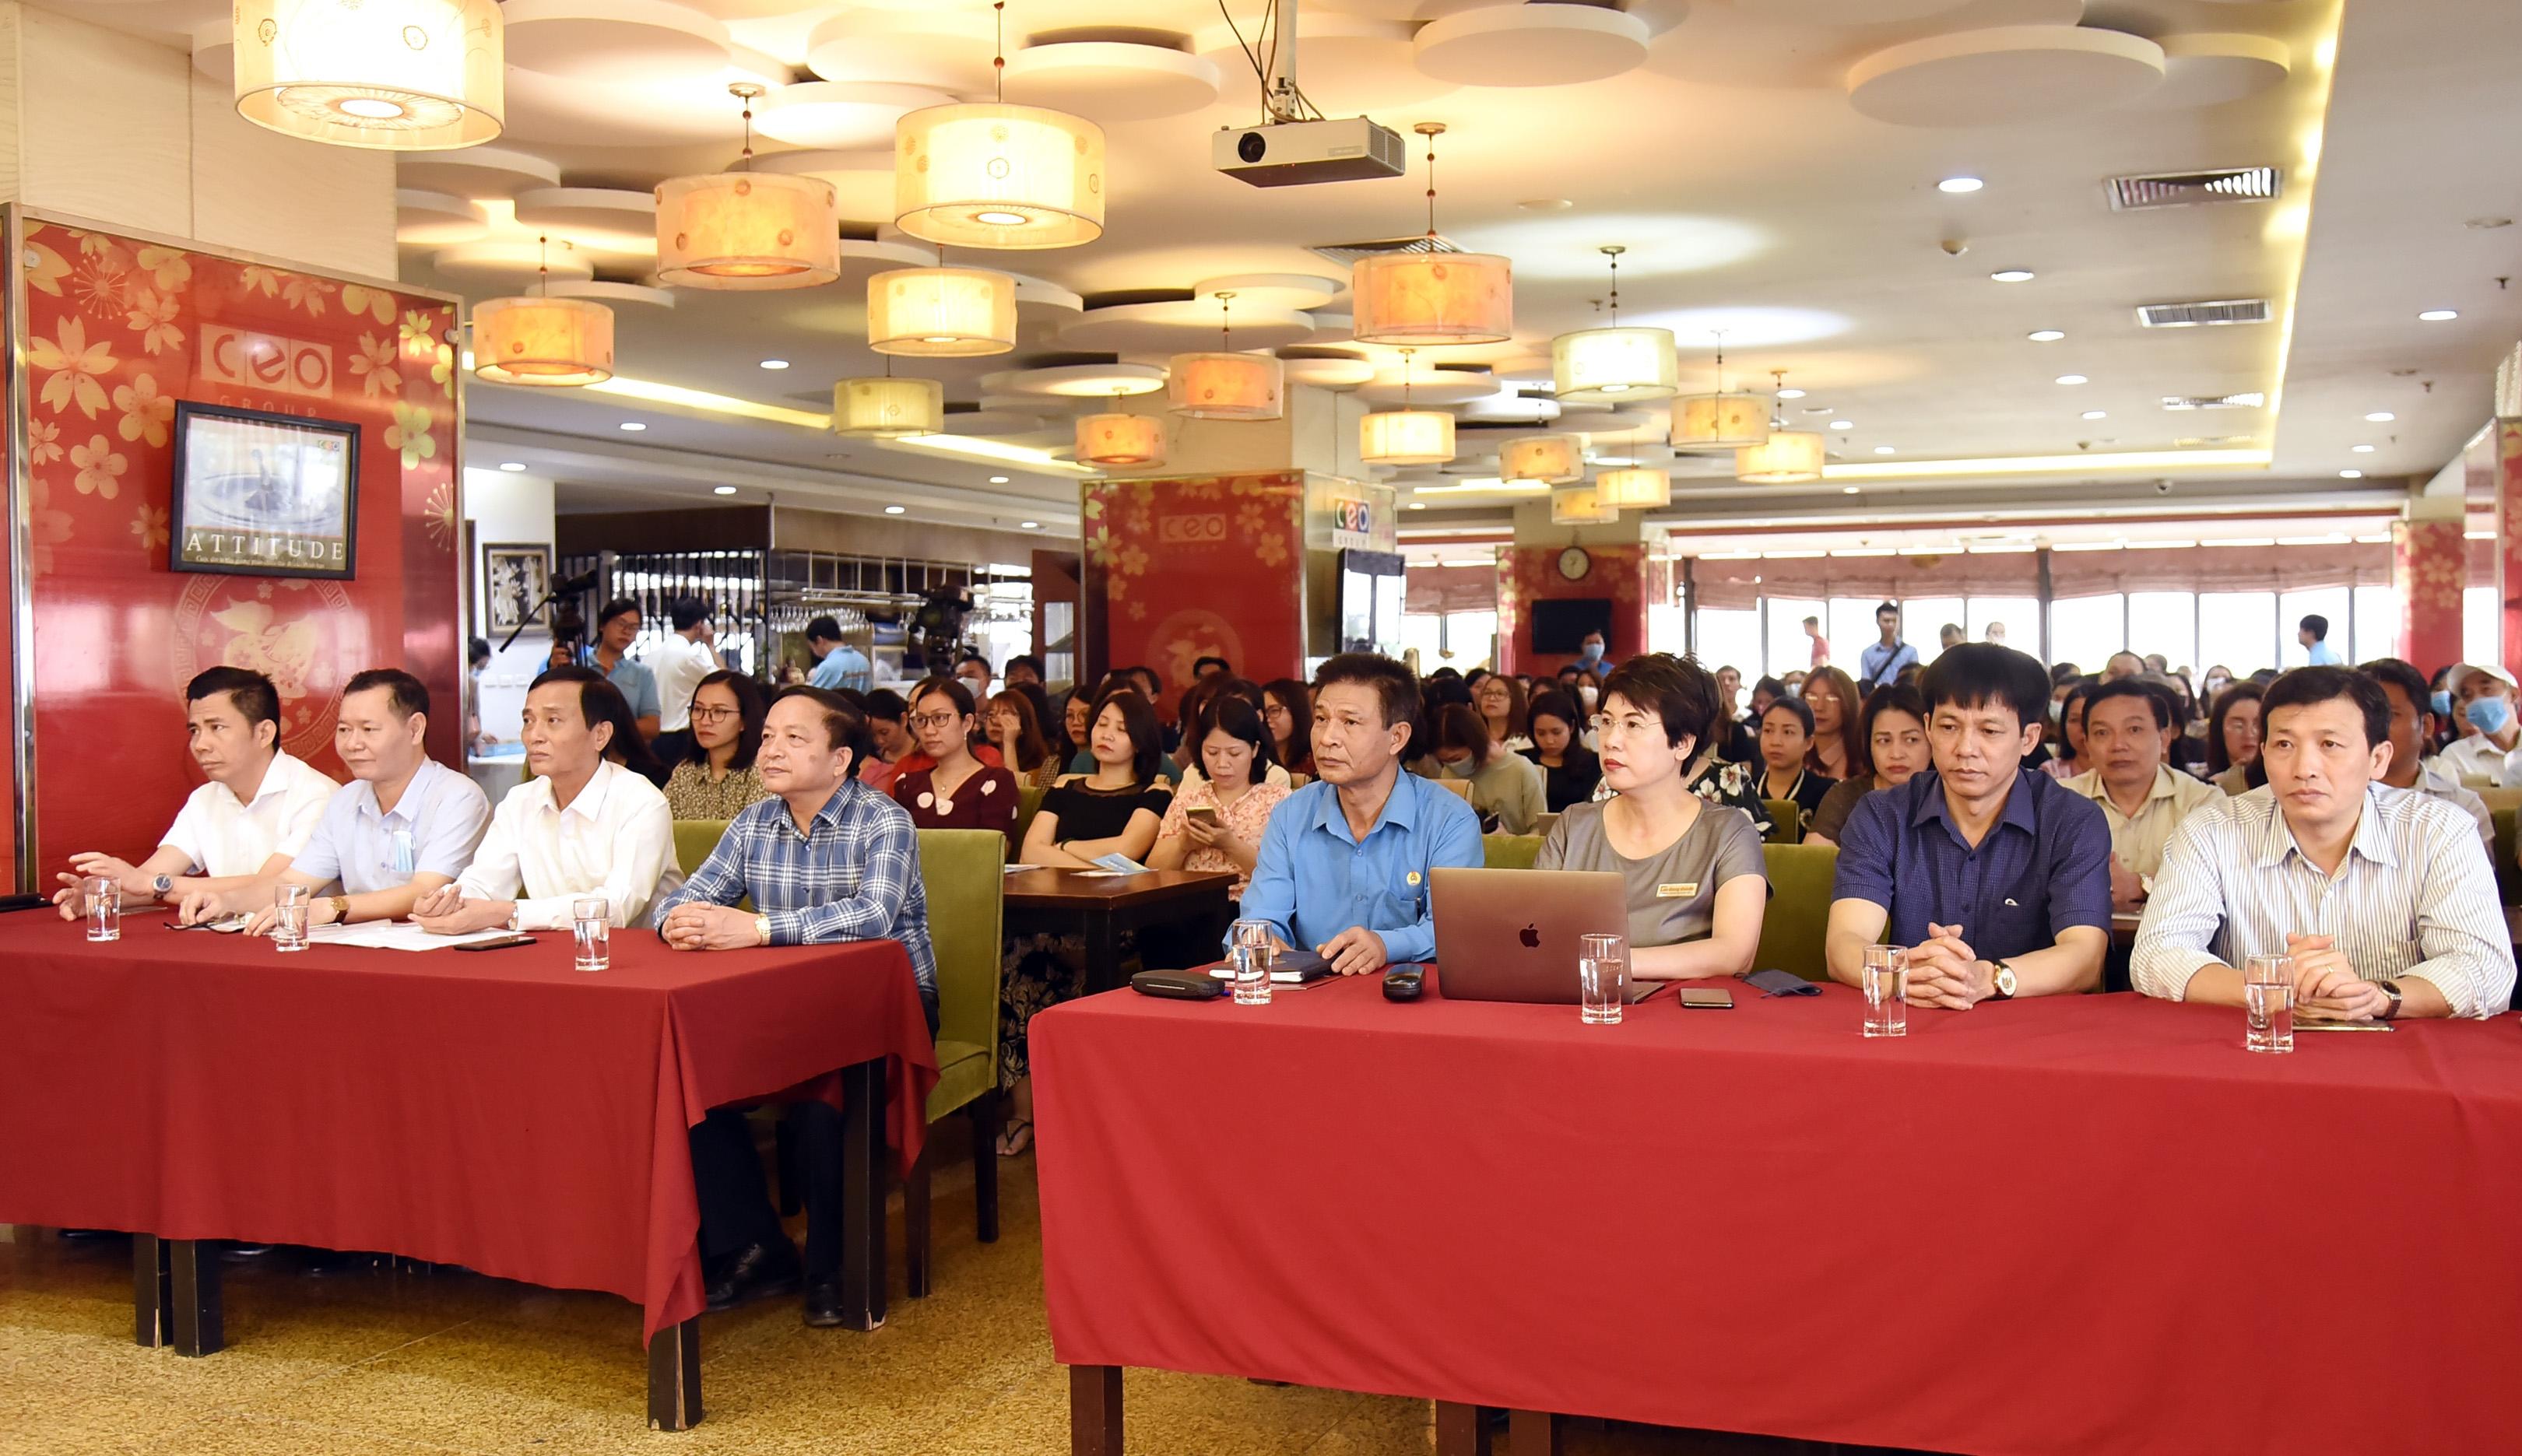 Trực tuyến hình ảnh: Gần 300 công nhân viên chức lao động tham gia đối thoại về pháp luật Lao động, pháp luật Bầu cử